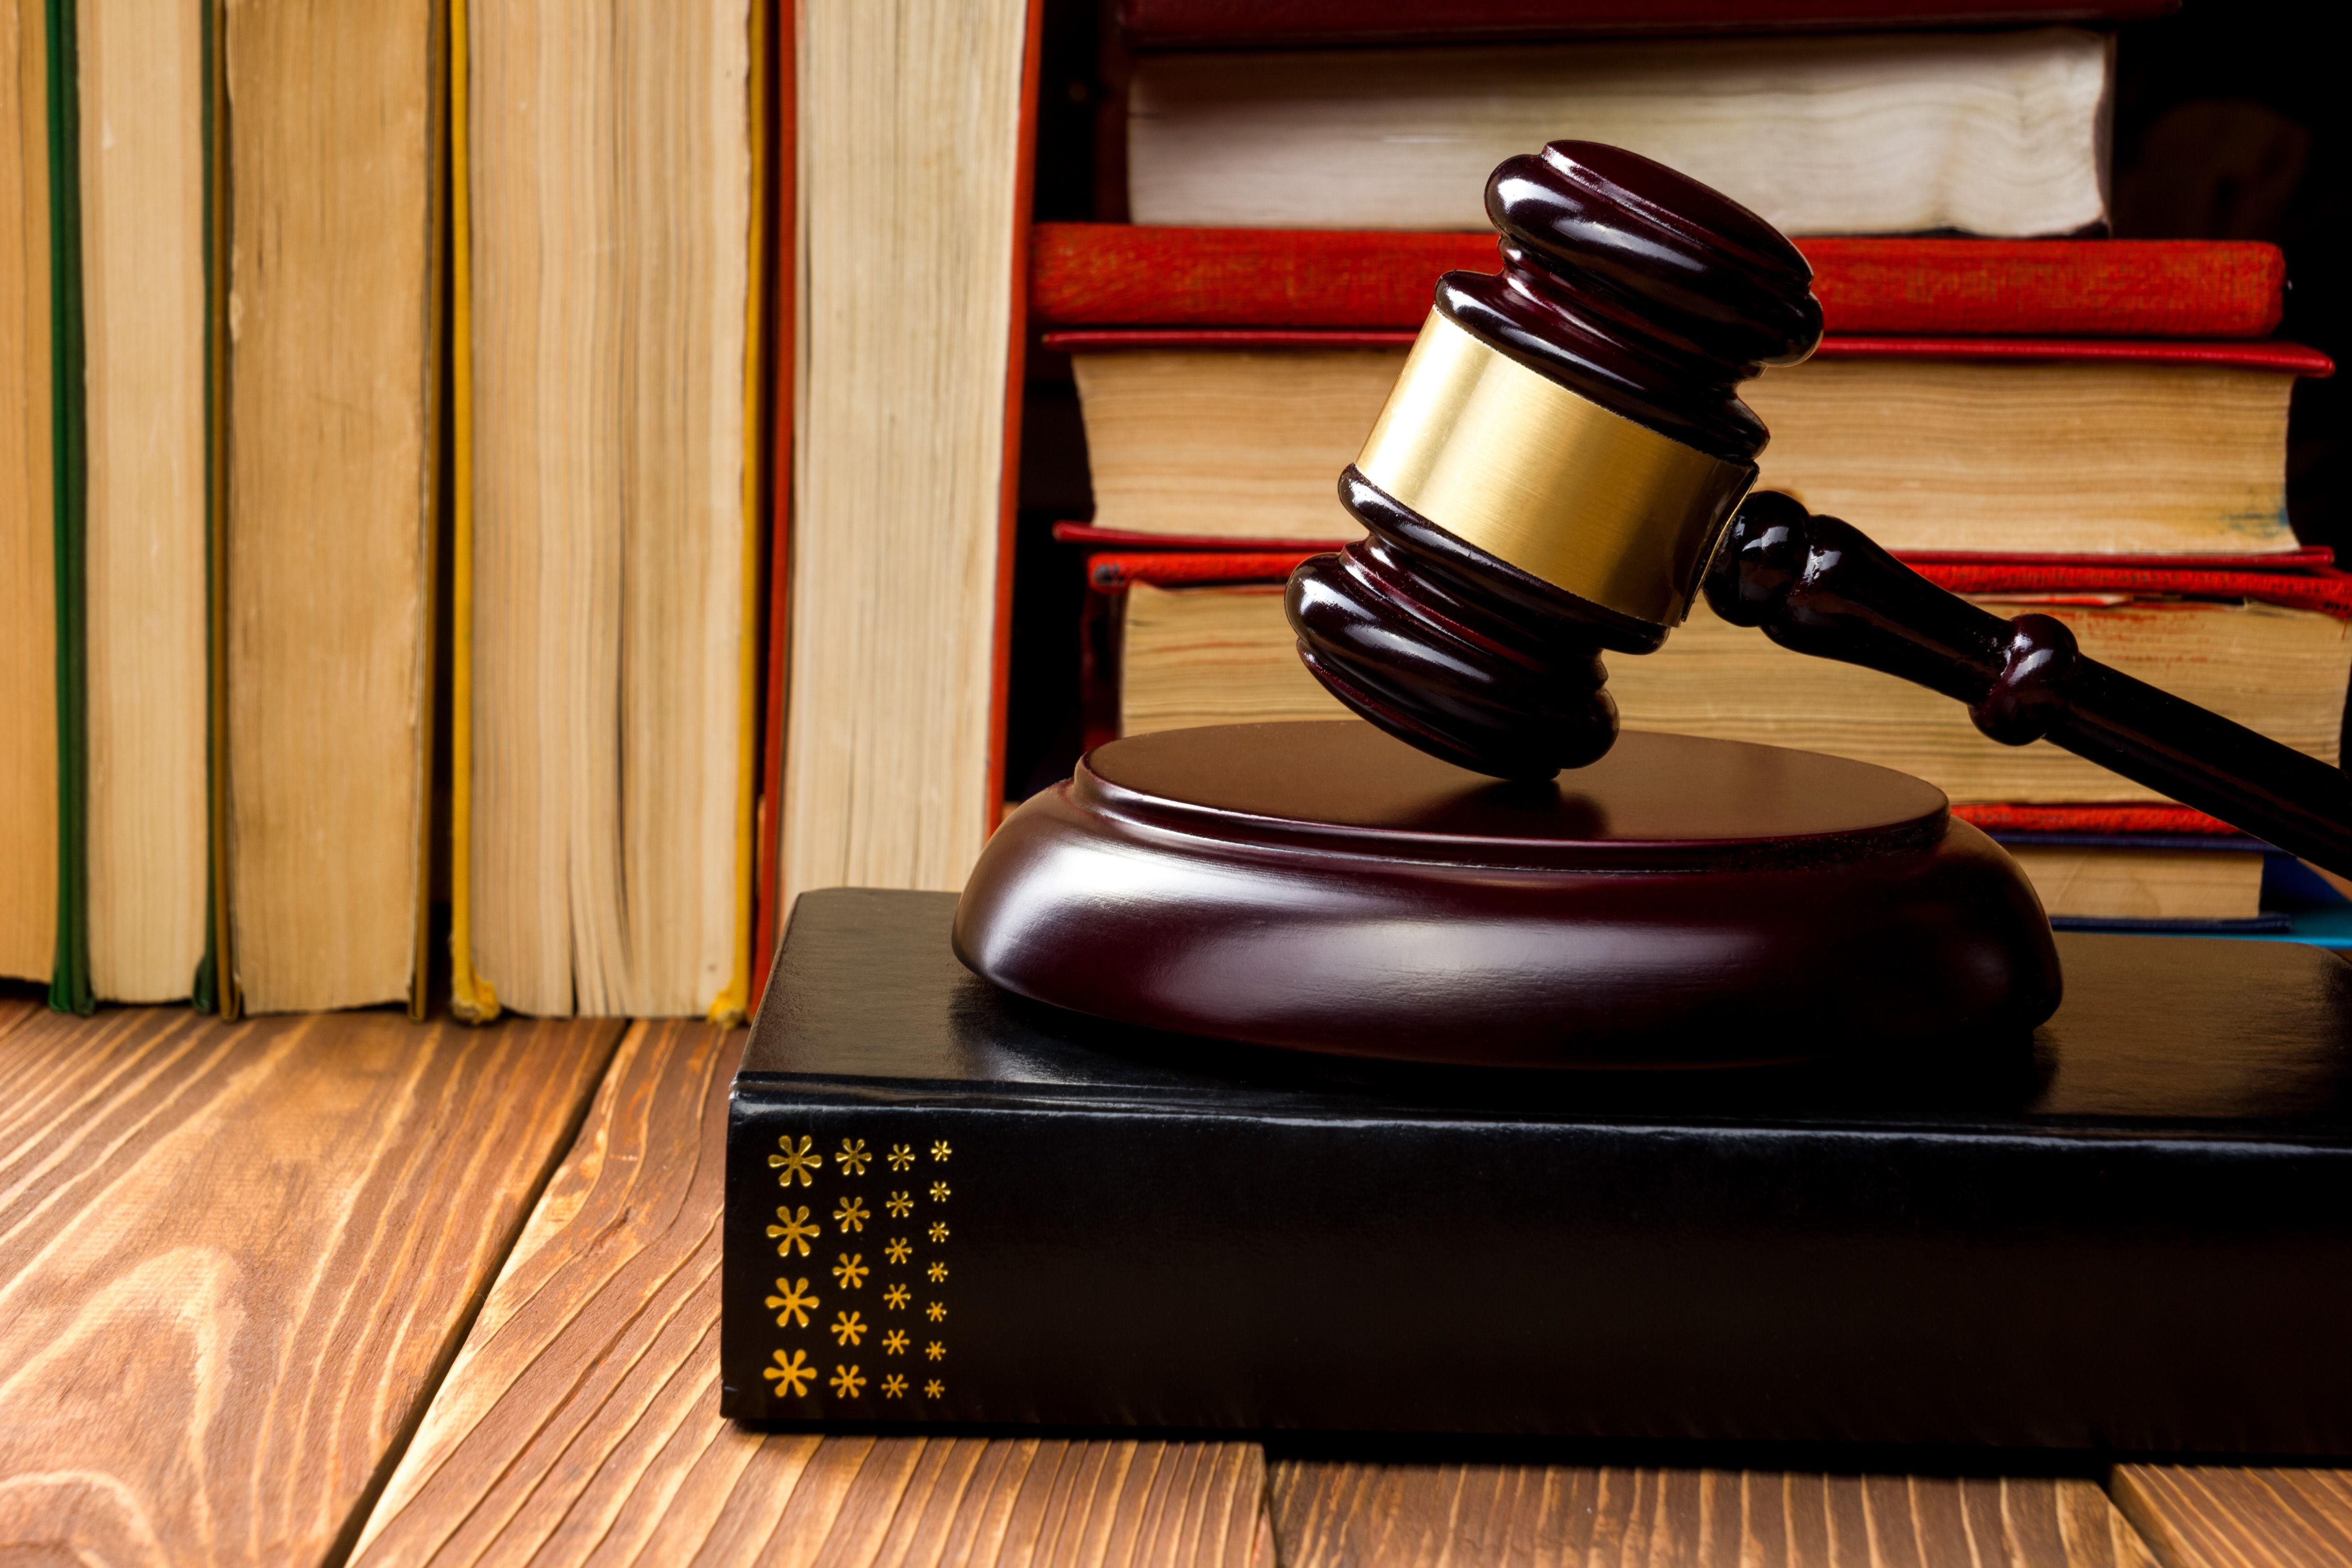 КЗД проверява прокурора по делото за 13-те имами